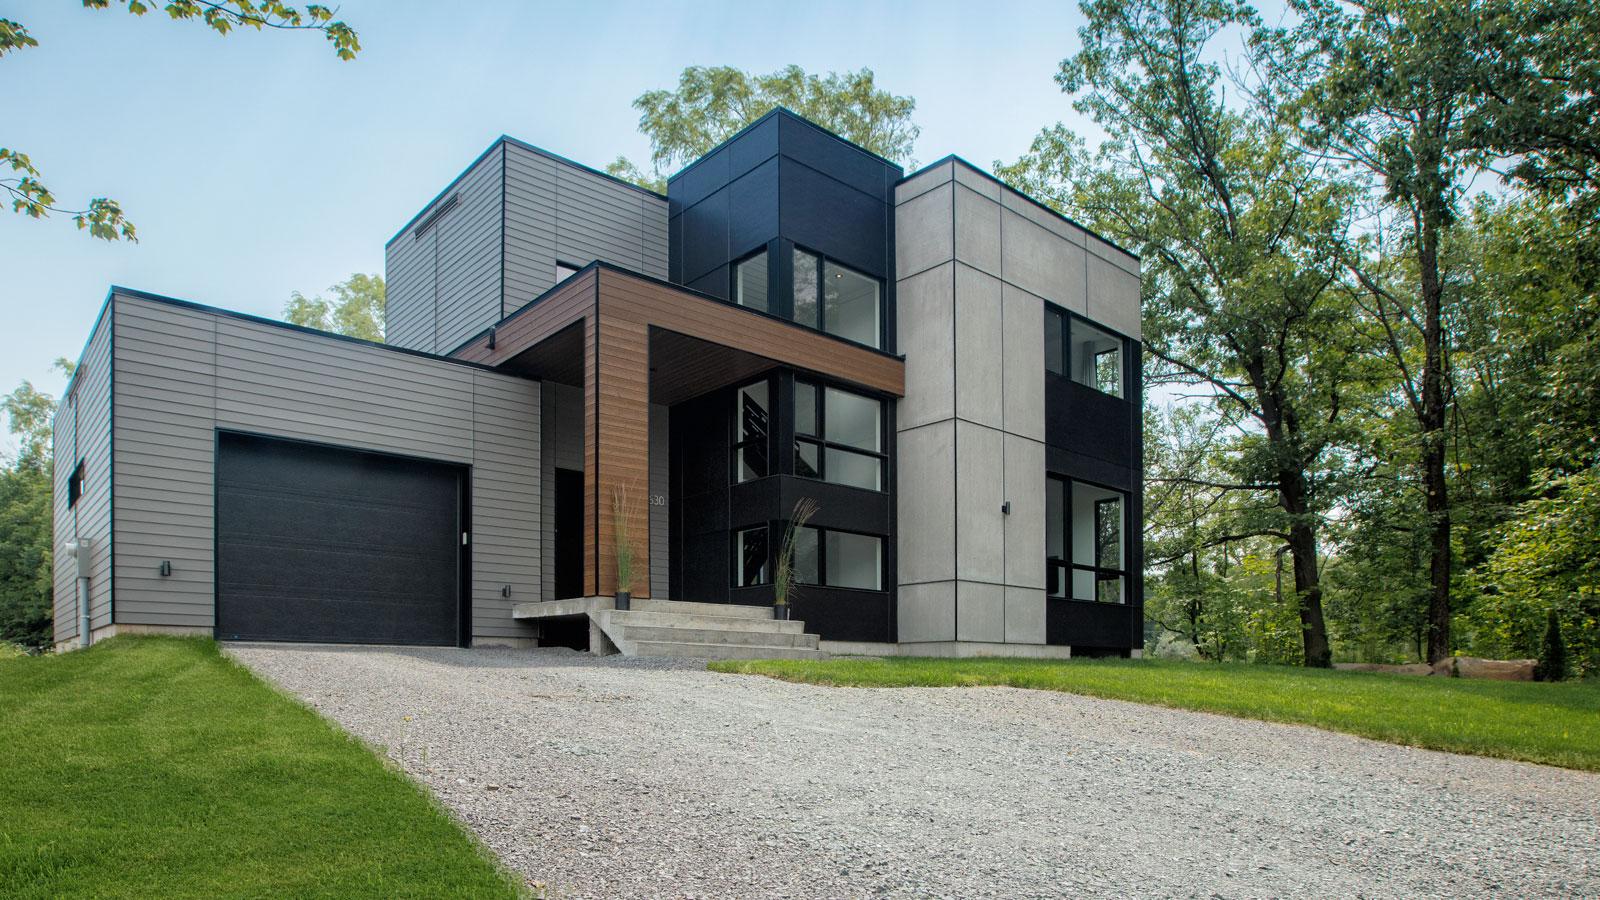 Zone c nous vous proposons le premier projet v ritablement contemporain qu bec avec - Plan de maison quebec ...